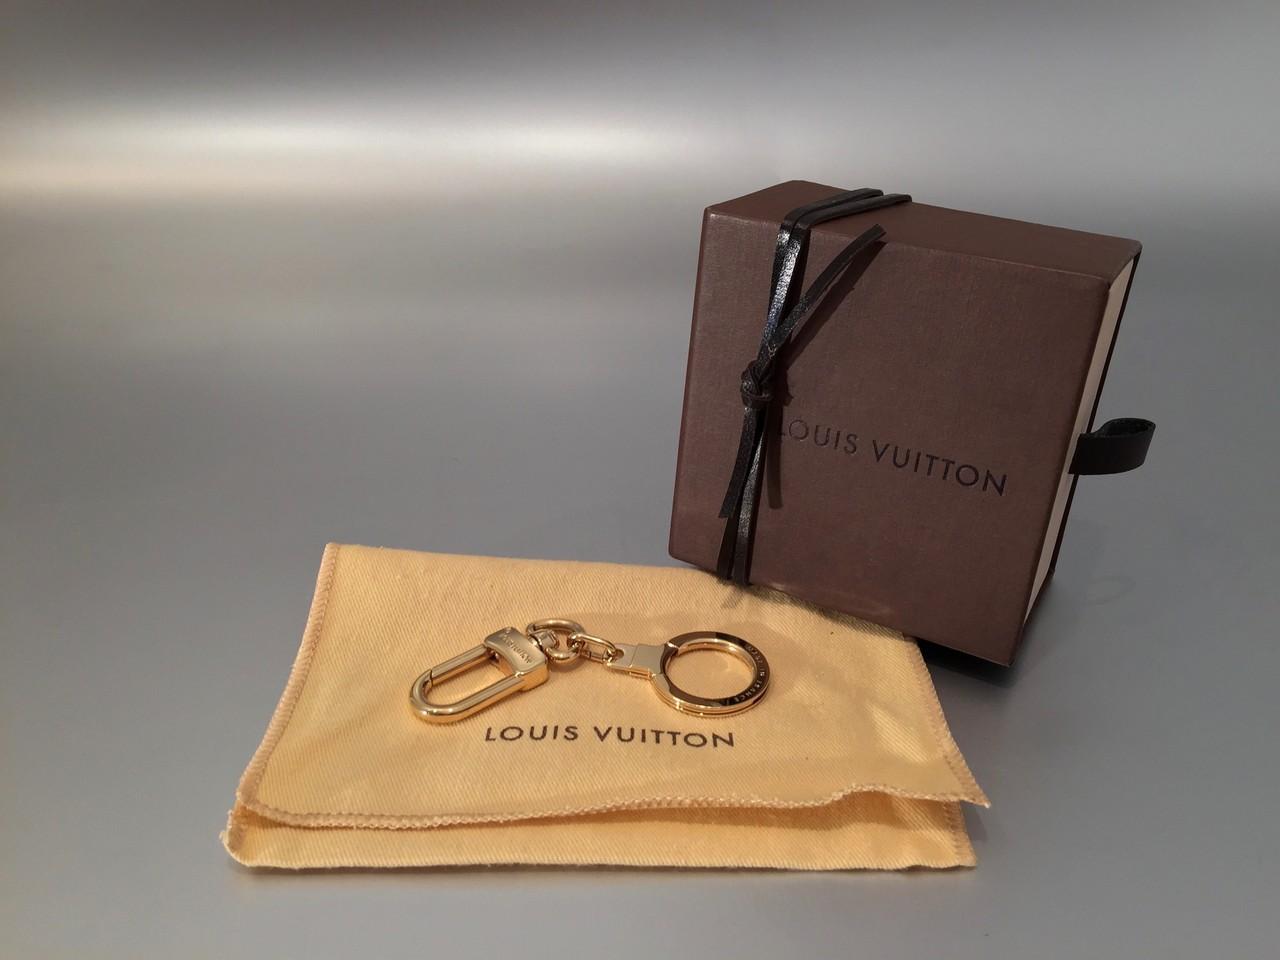 louis vuitton bolt schl sselanh nger in gold ankauf verkauf second hand designertaschen und. Black Bedroom Furniture Sets. Home Design Ideas